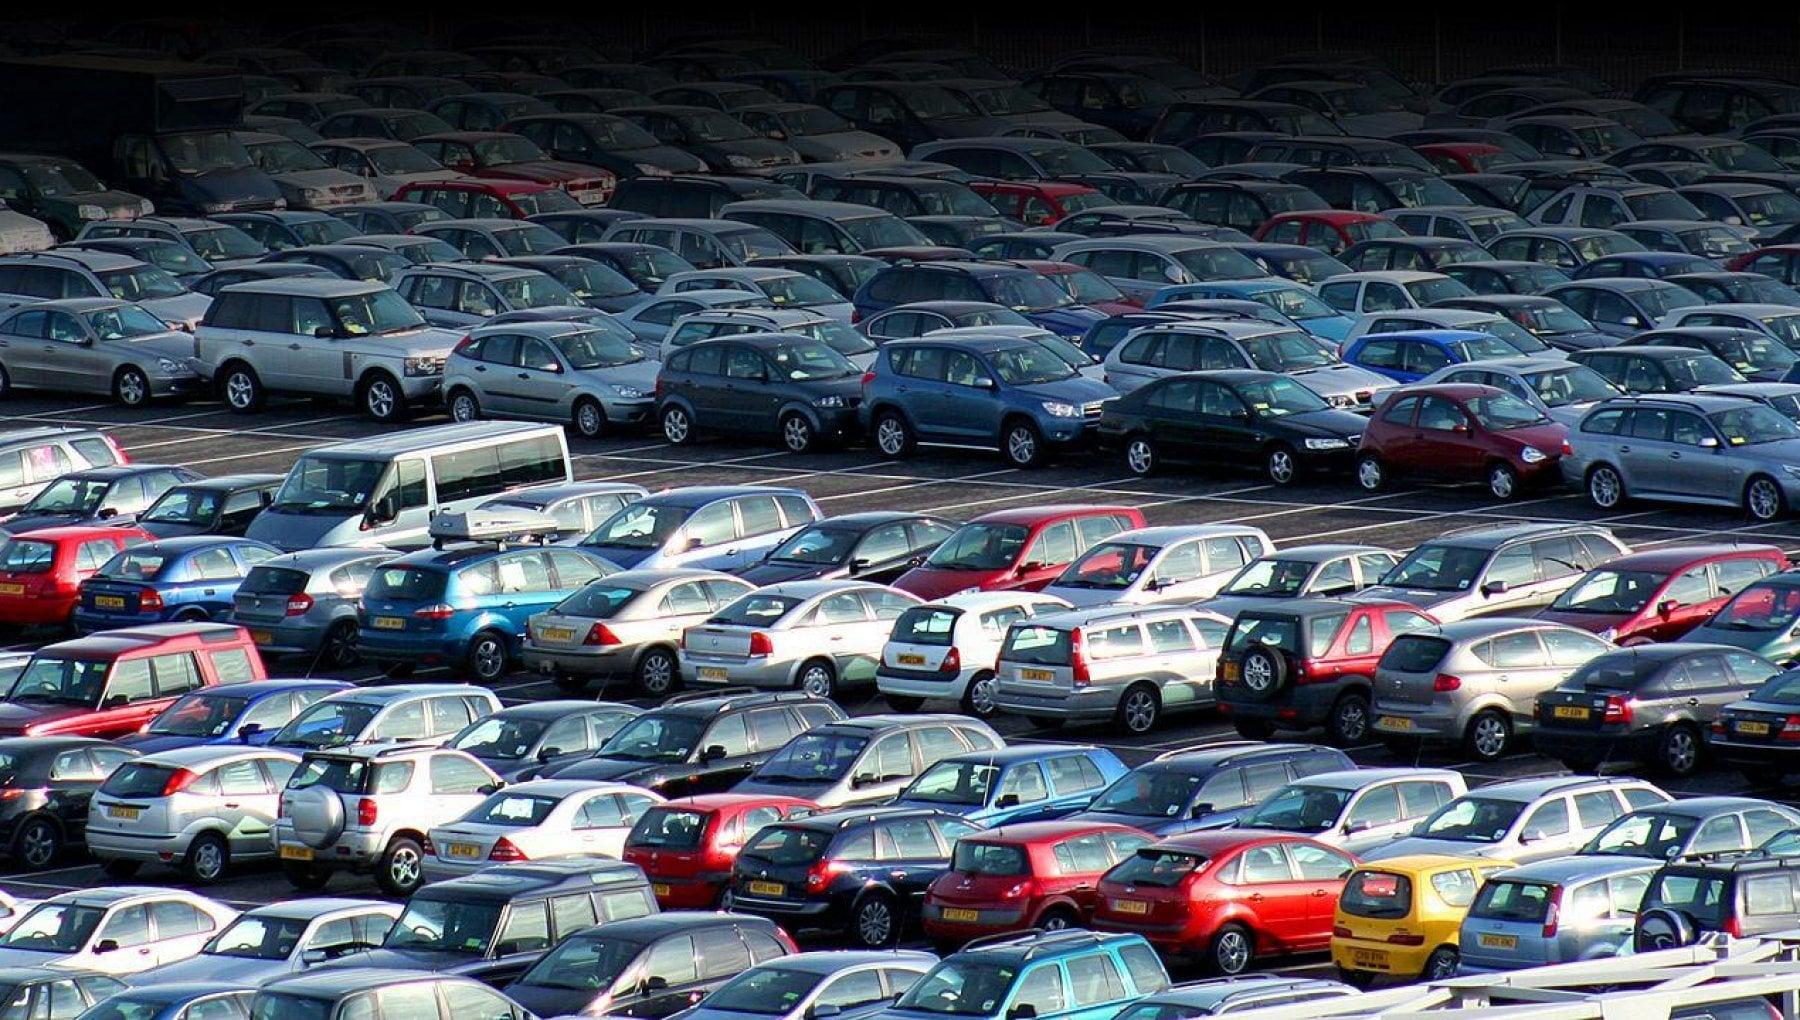 Incentivi auto, la battaglia degli emendamenti: sul tavolo un pacchetto da mezzo miliardo